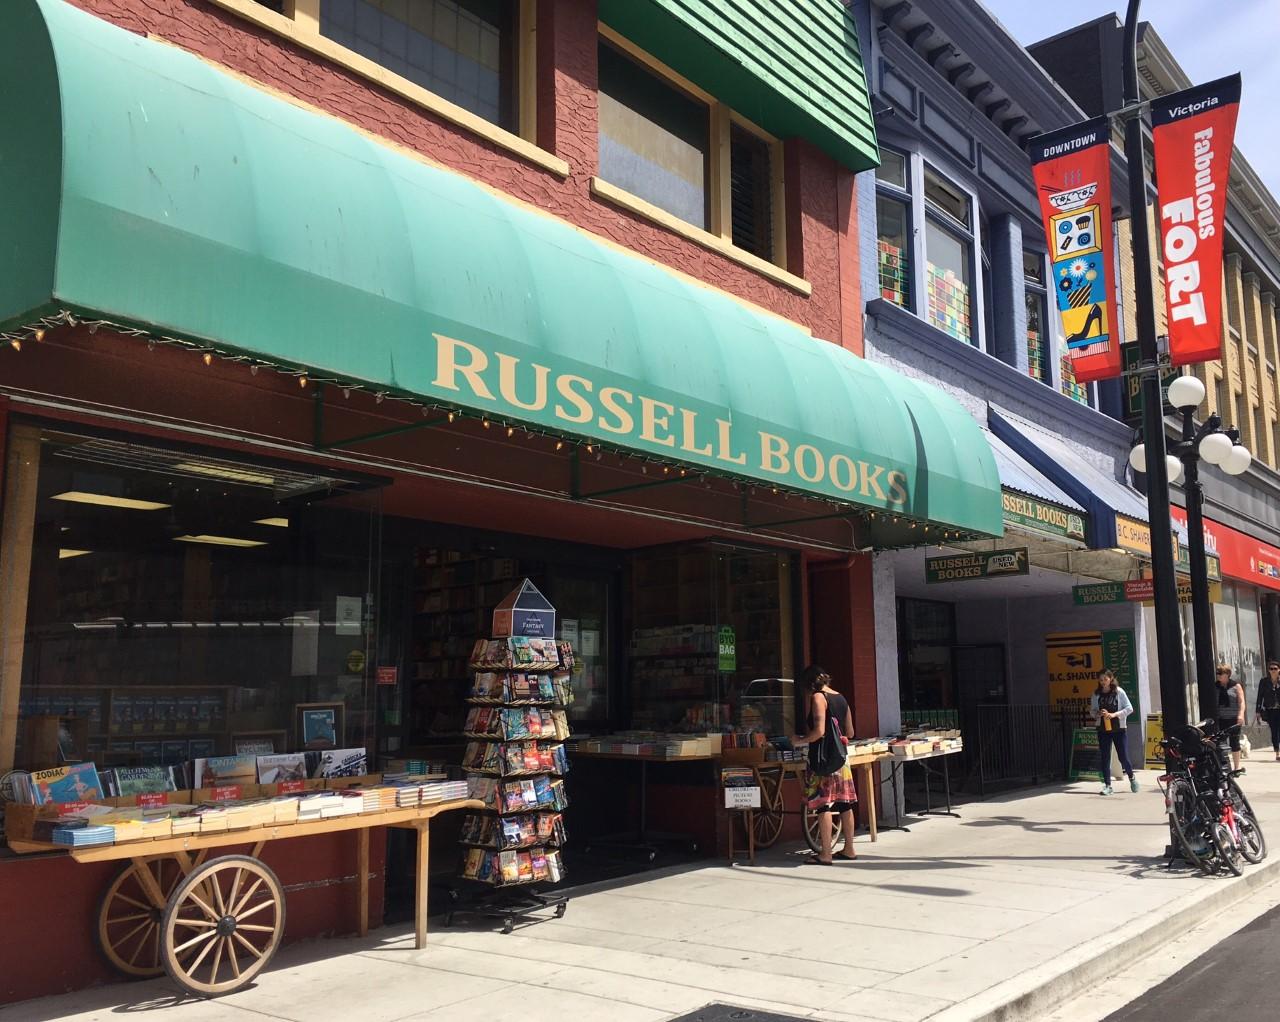 ラッセル ブックス - ビクトリアのおすすめショッピング・お土産